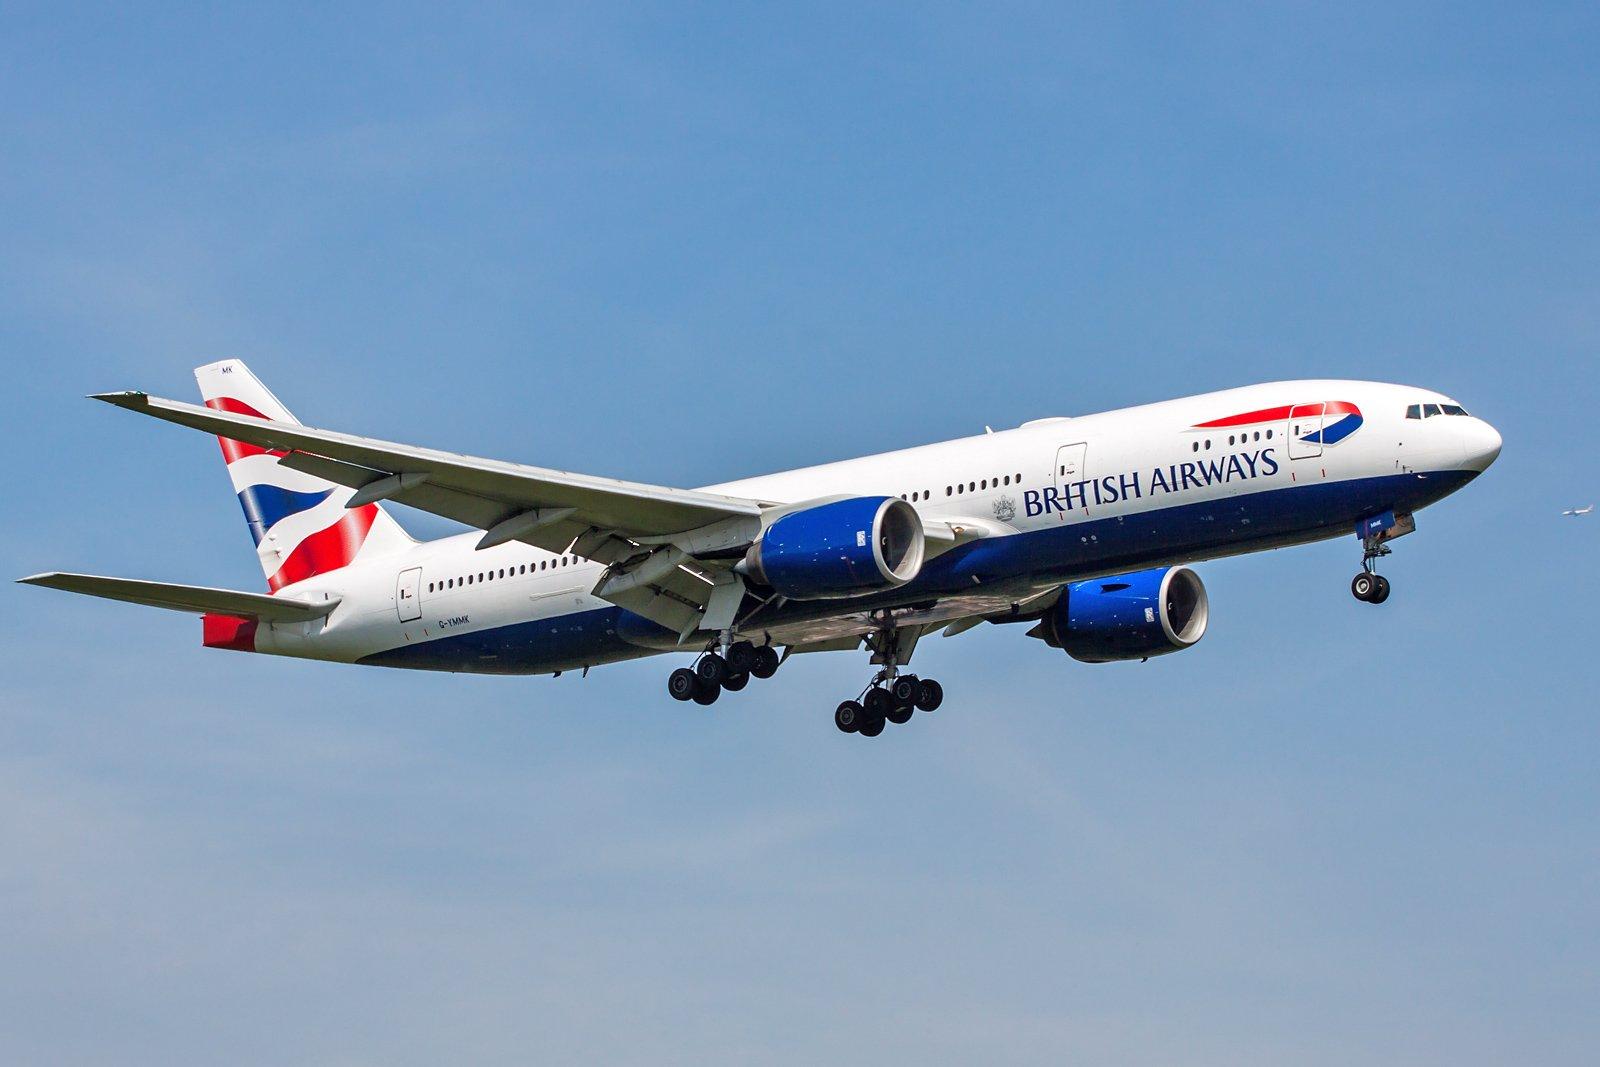 British Airways Boeing 777-236(ER) G-YMMK